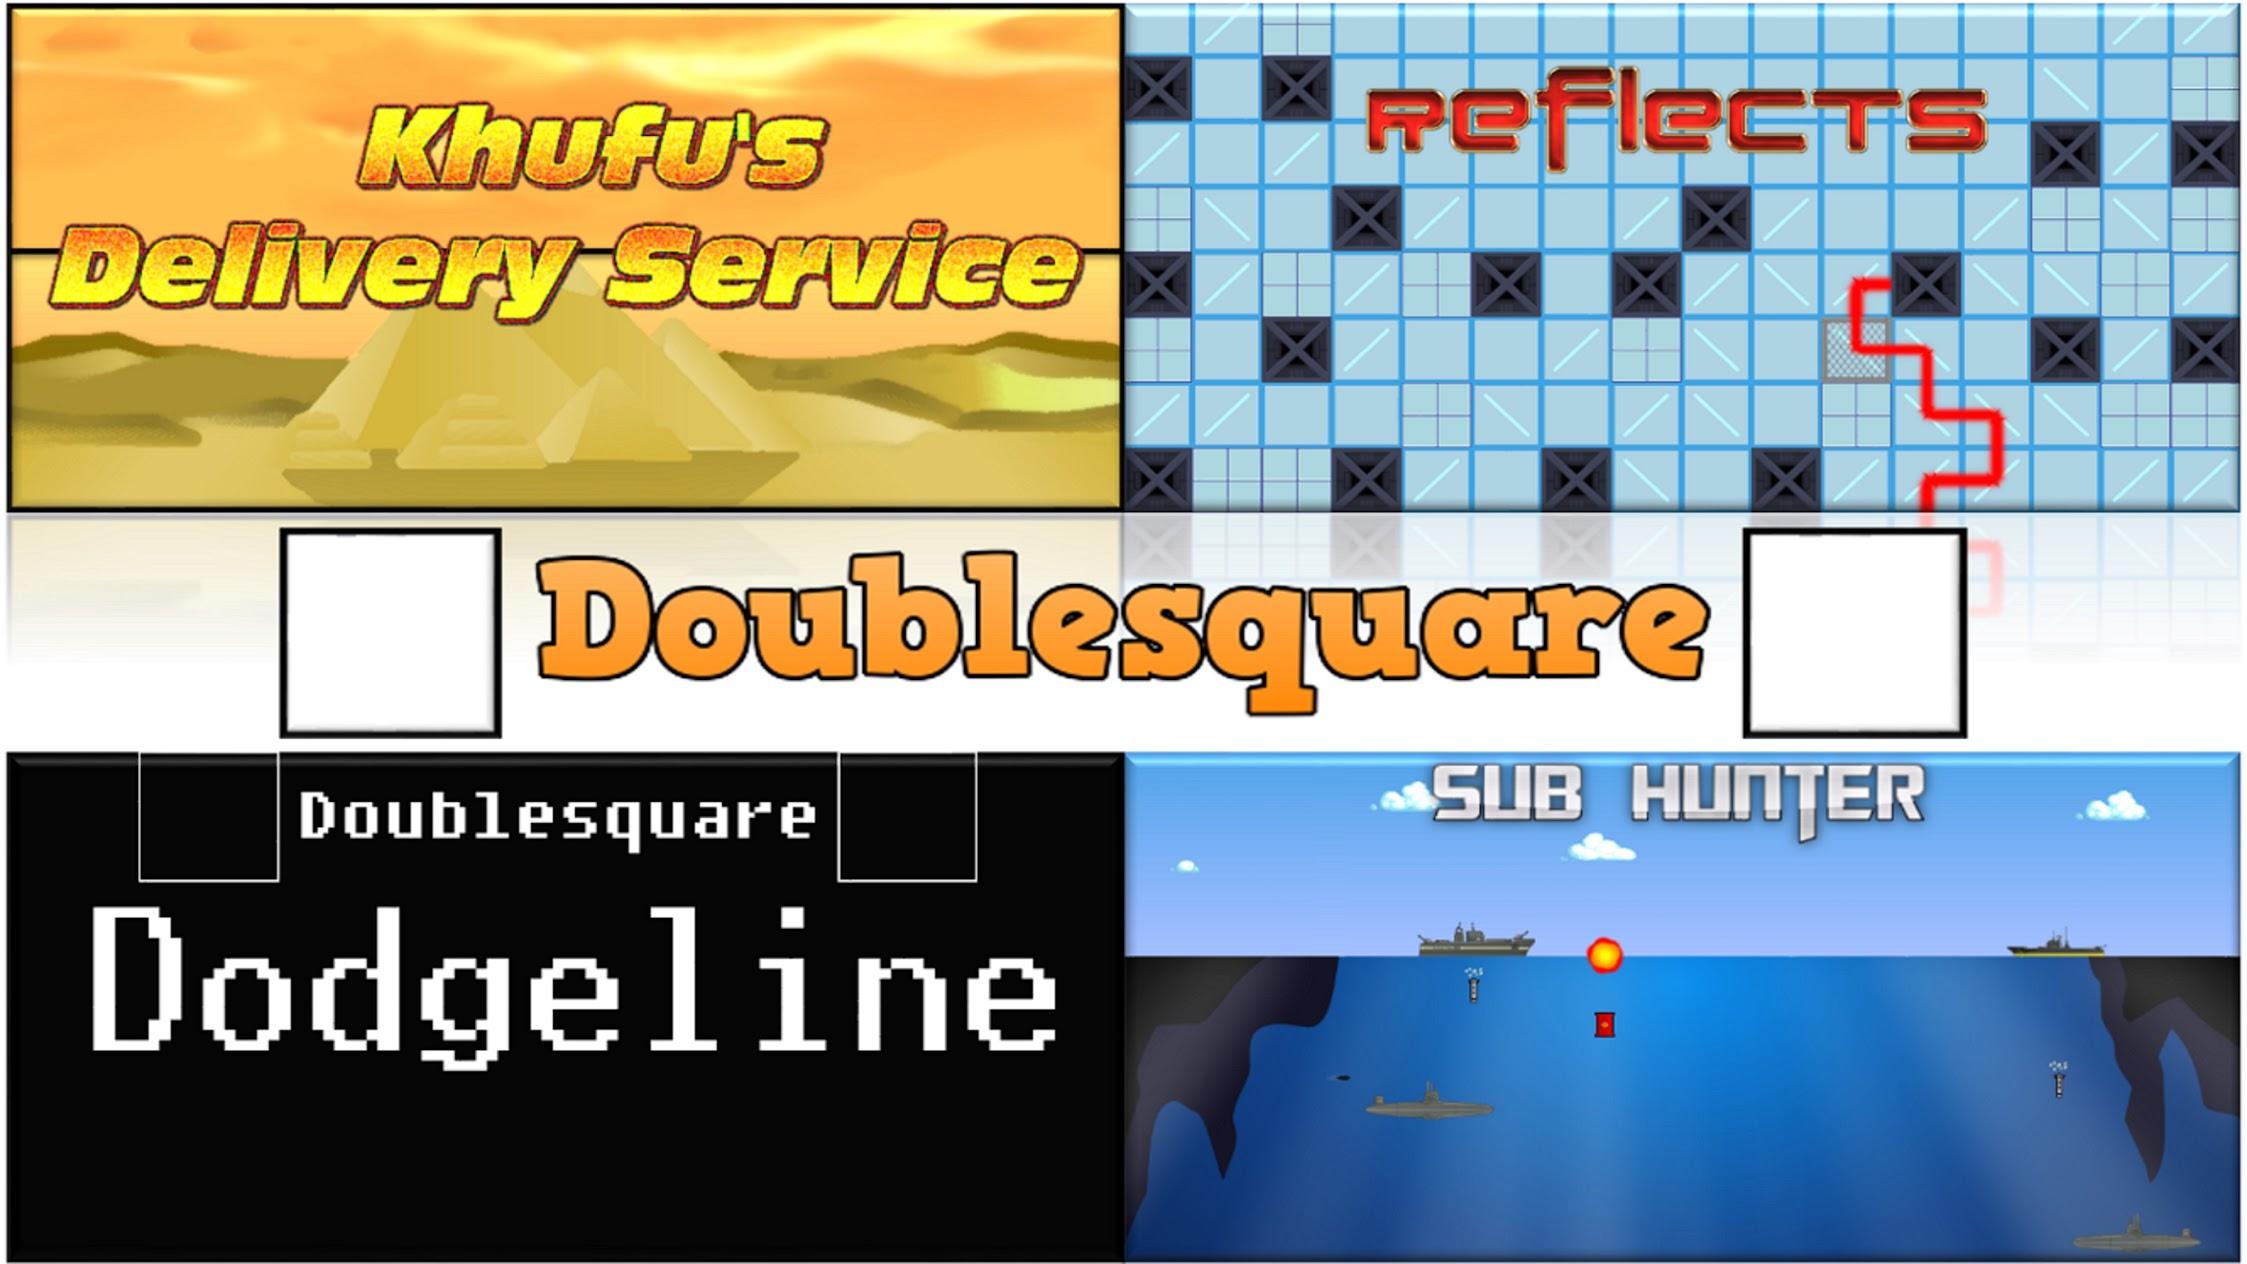 Doublesquare